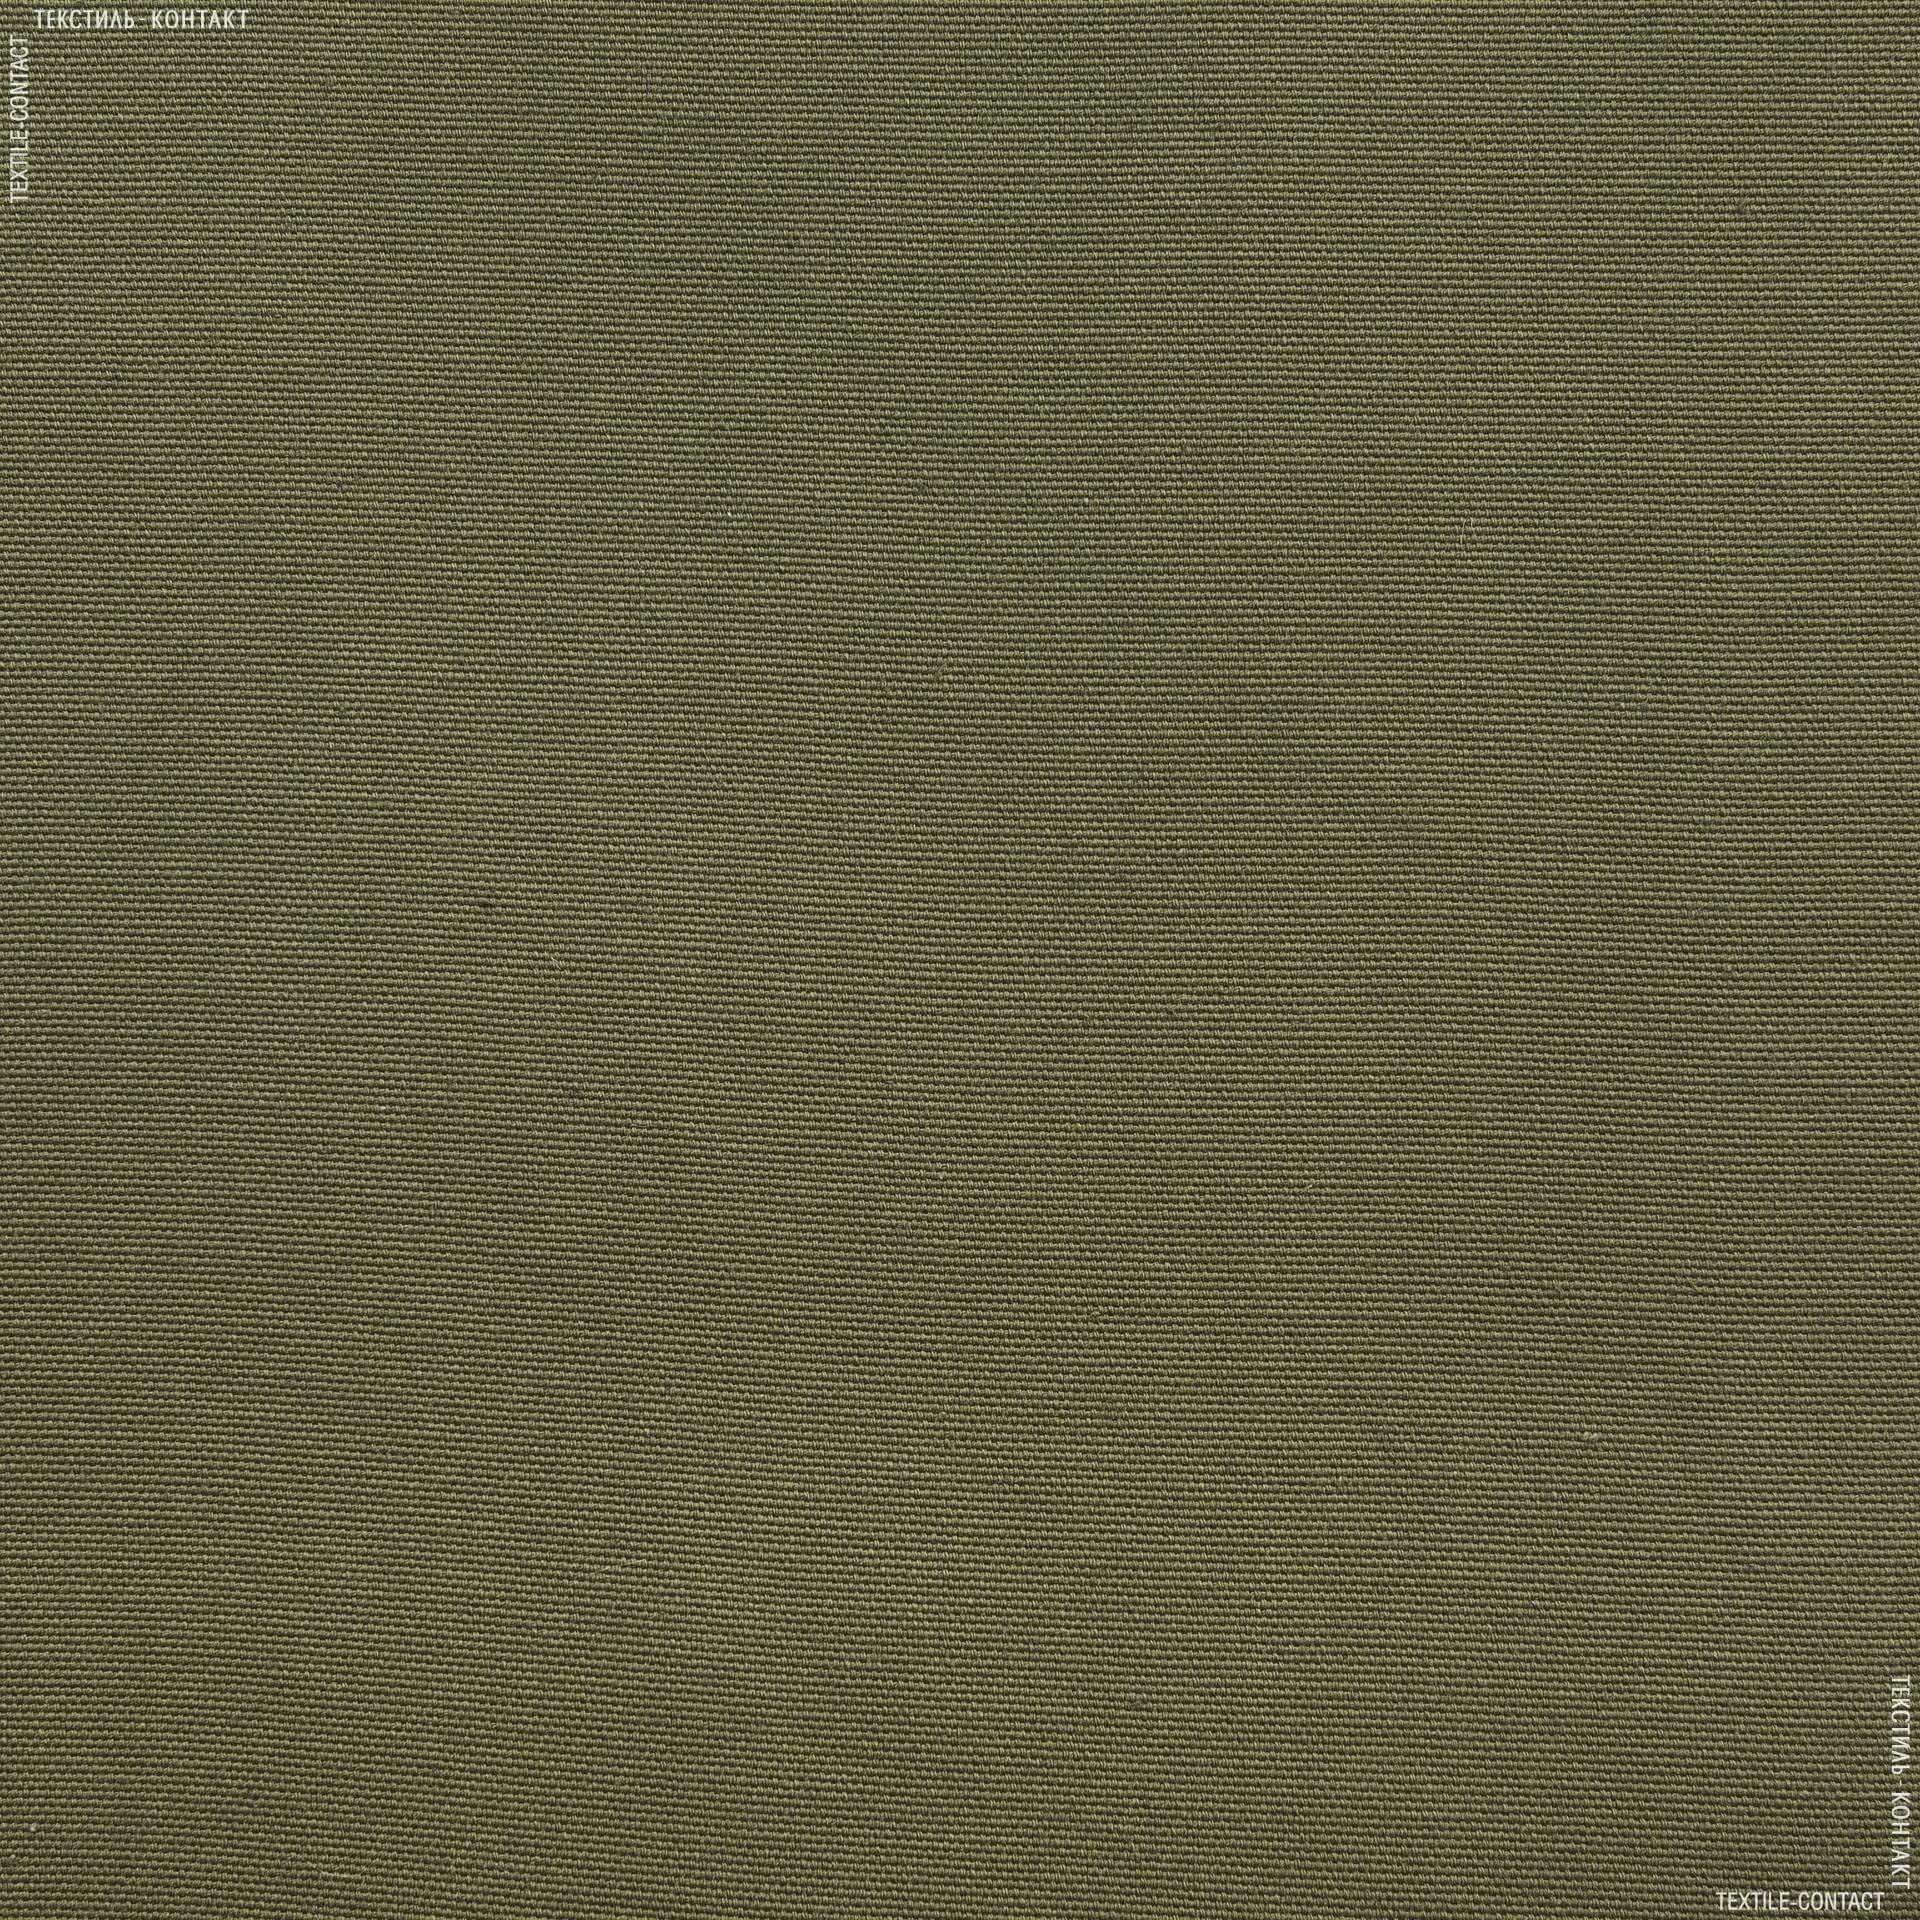 Тканини для наметів - Брезент  темно-гірчичний